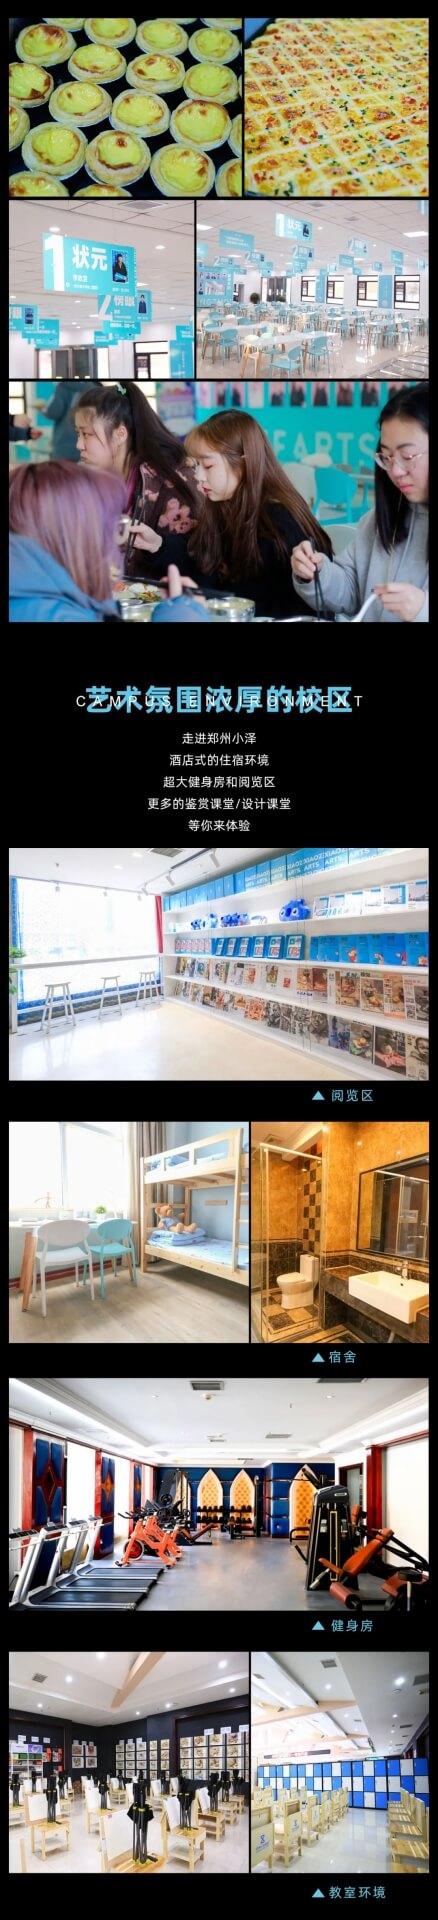 郑州小泽画室,美术高考画室,美术高考